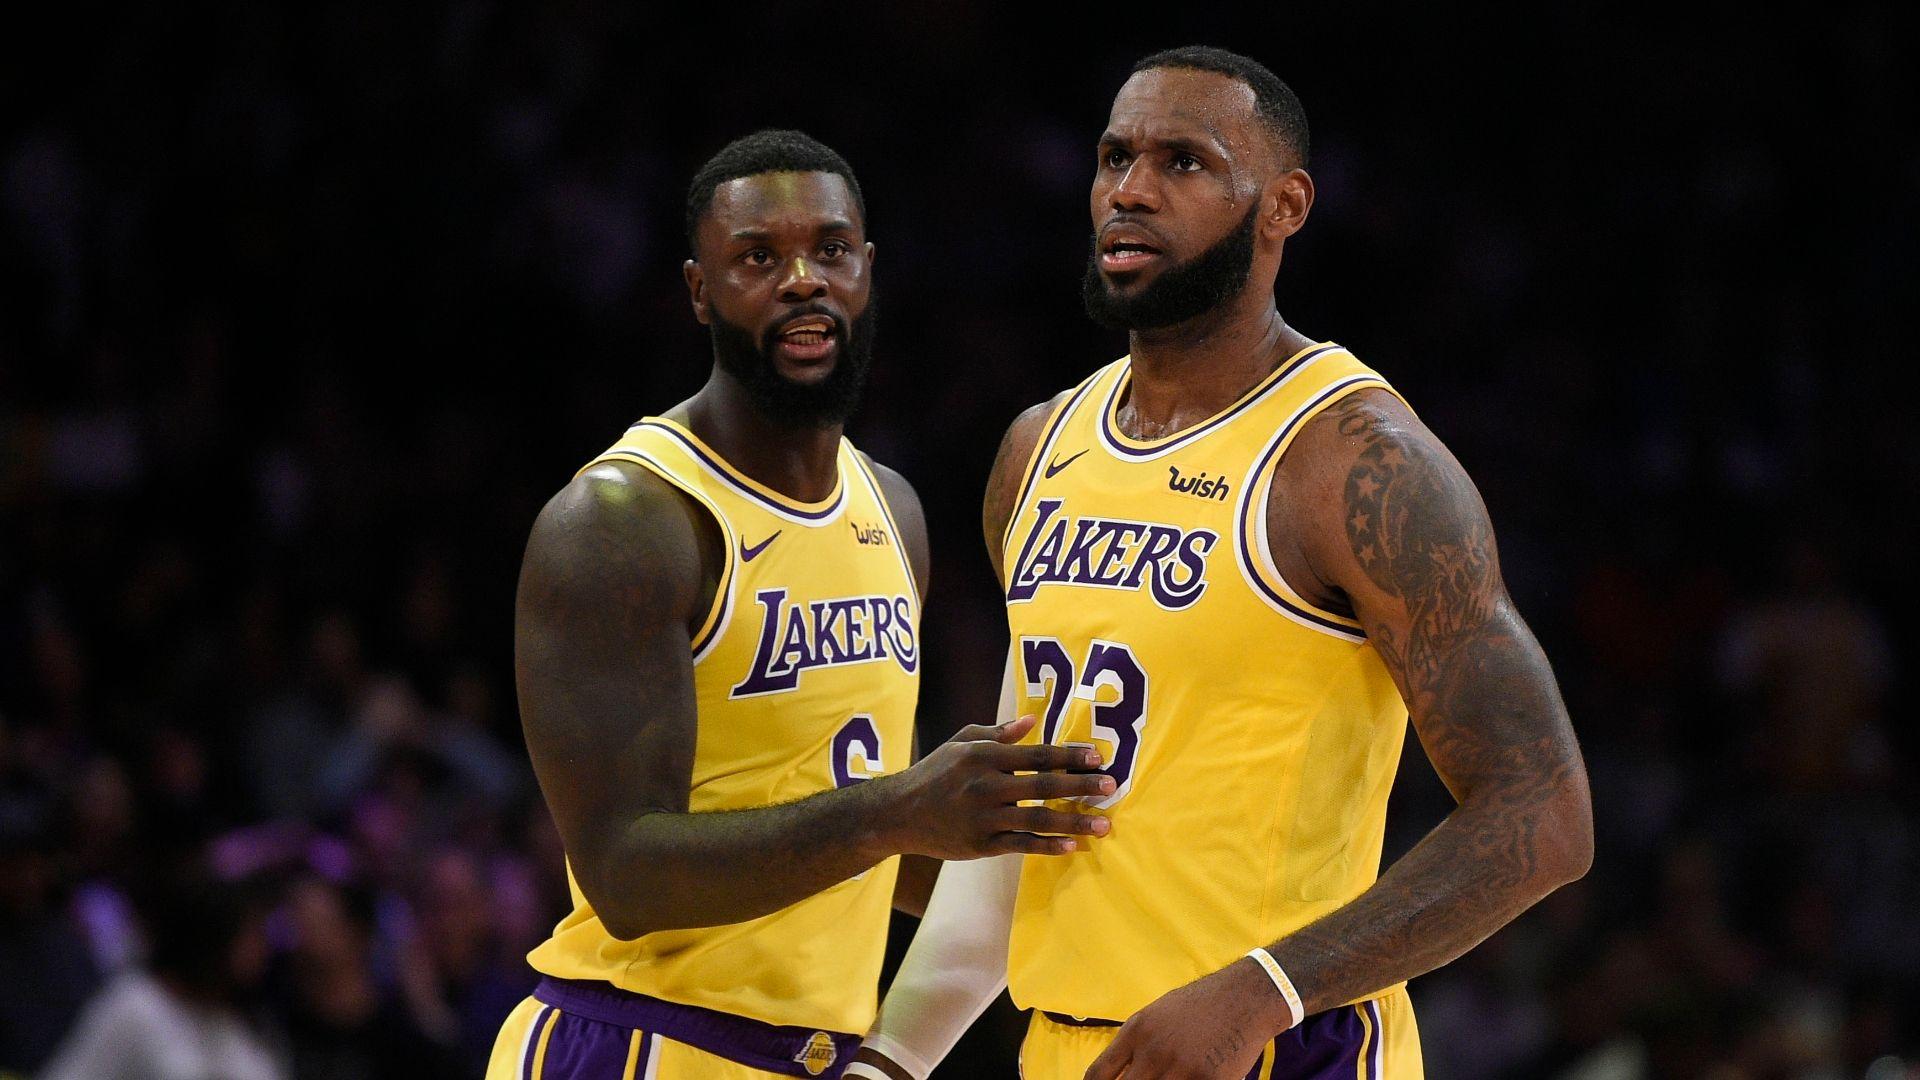 Лейкерс — Нью-Орлеан. Прогноз на матч 22 декабря 2018. НБА